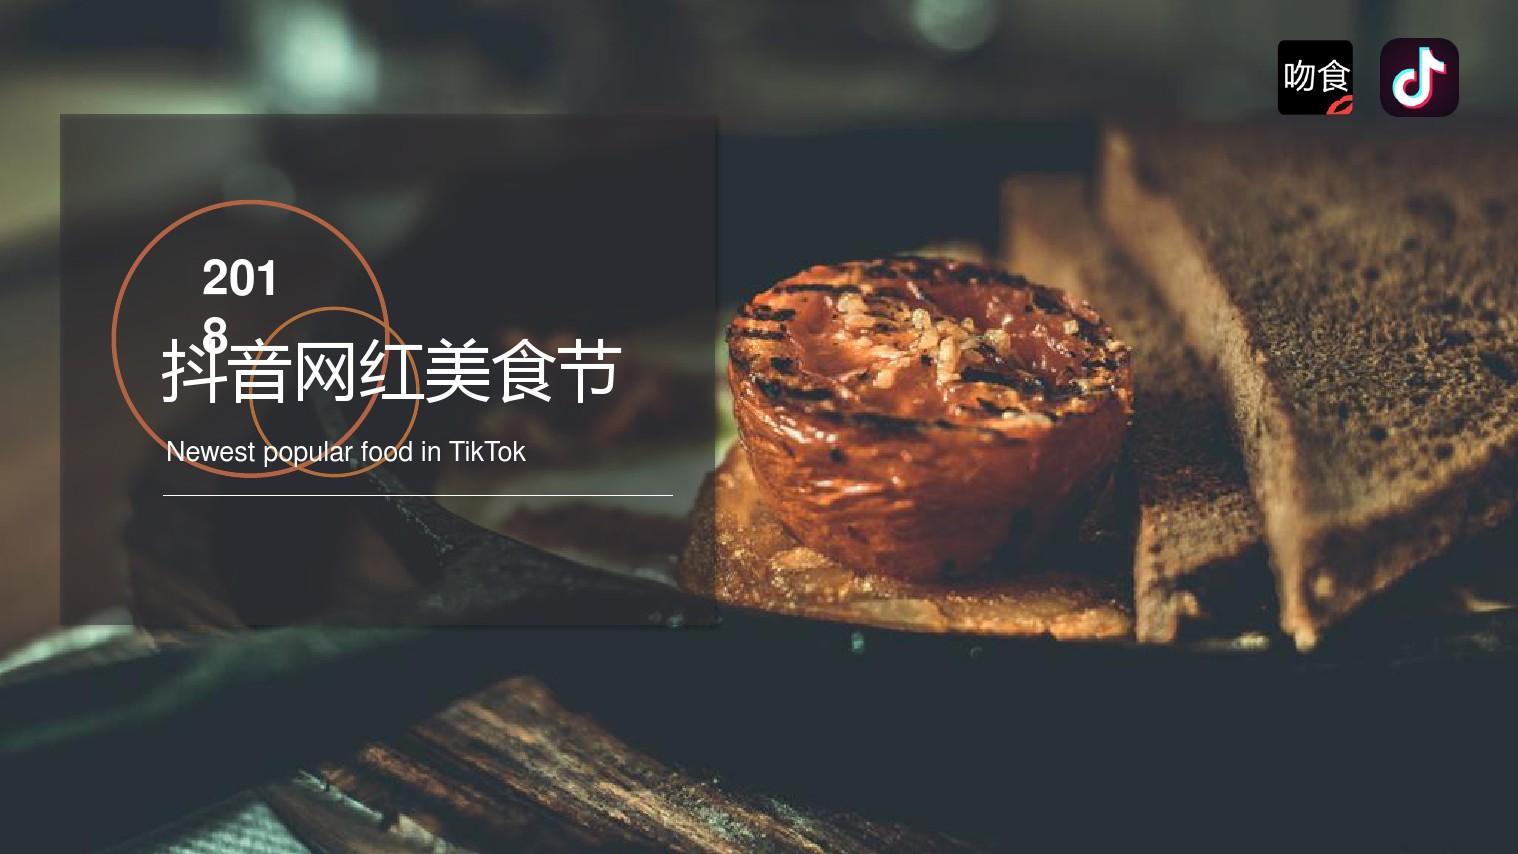 2018抖音网红美食节策划案ppt美食街温泉从化图片